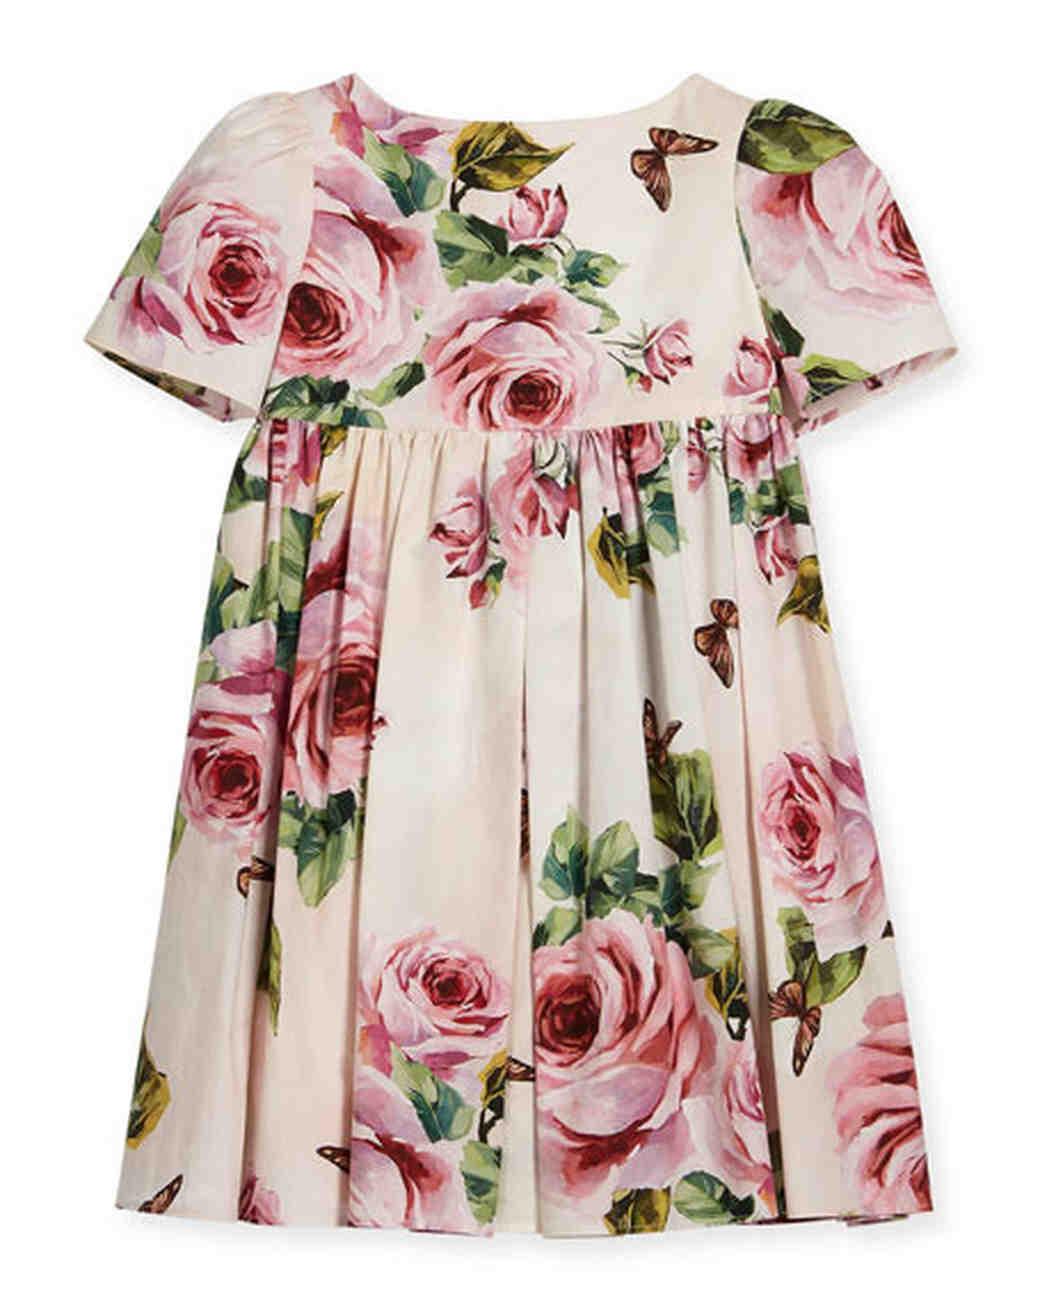 22 flower girl dresses for a spring wedding martha stewart weddings mightylinksfo